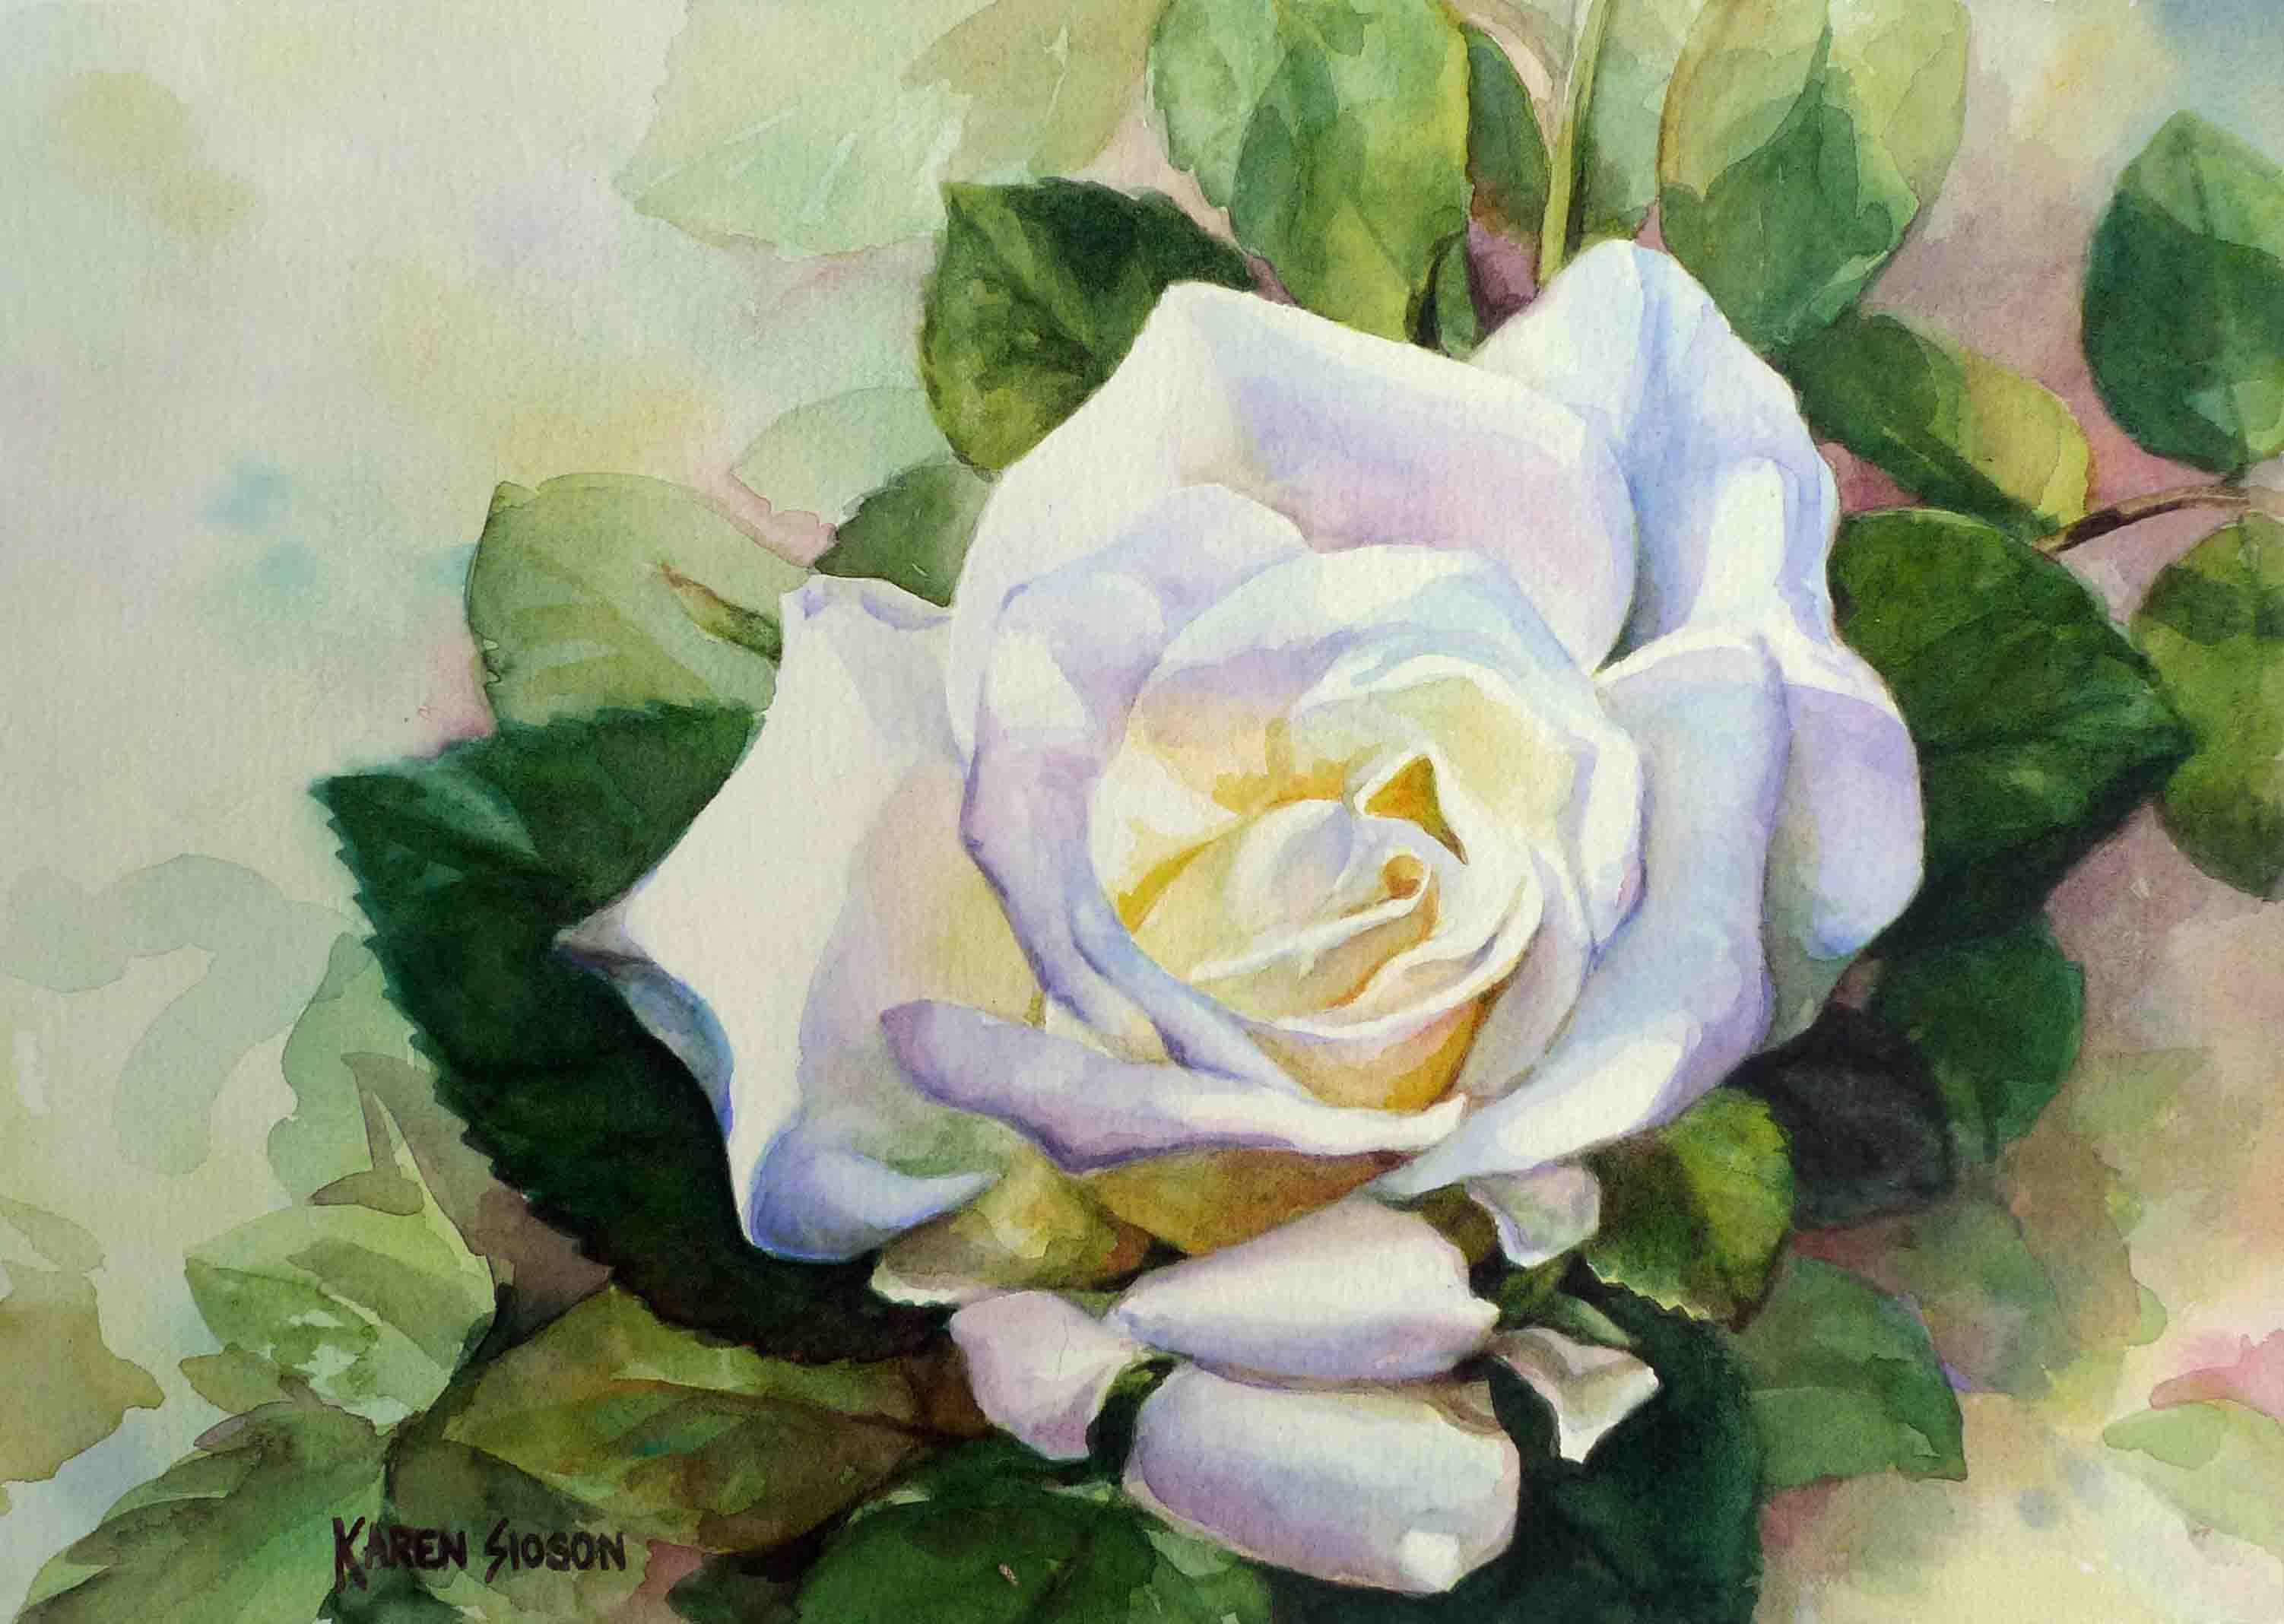 karensioson_peace_rose